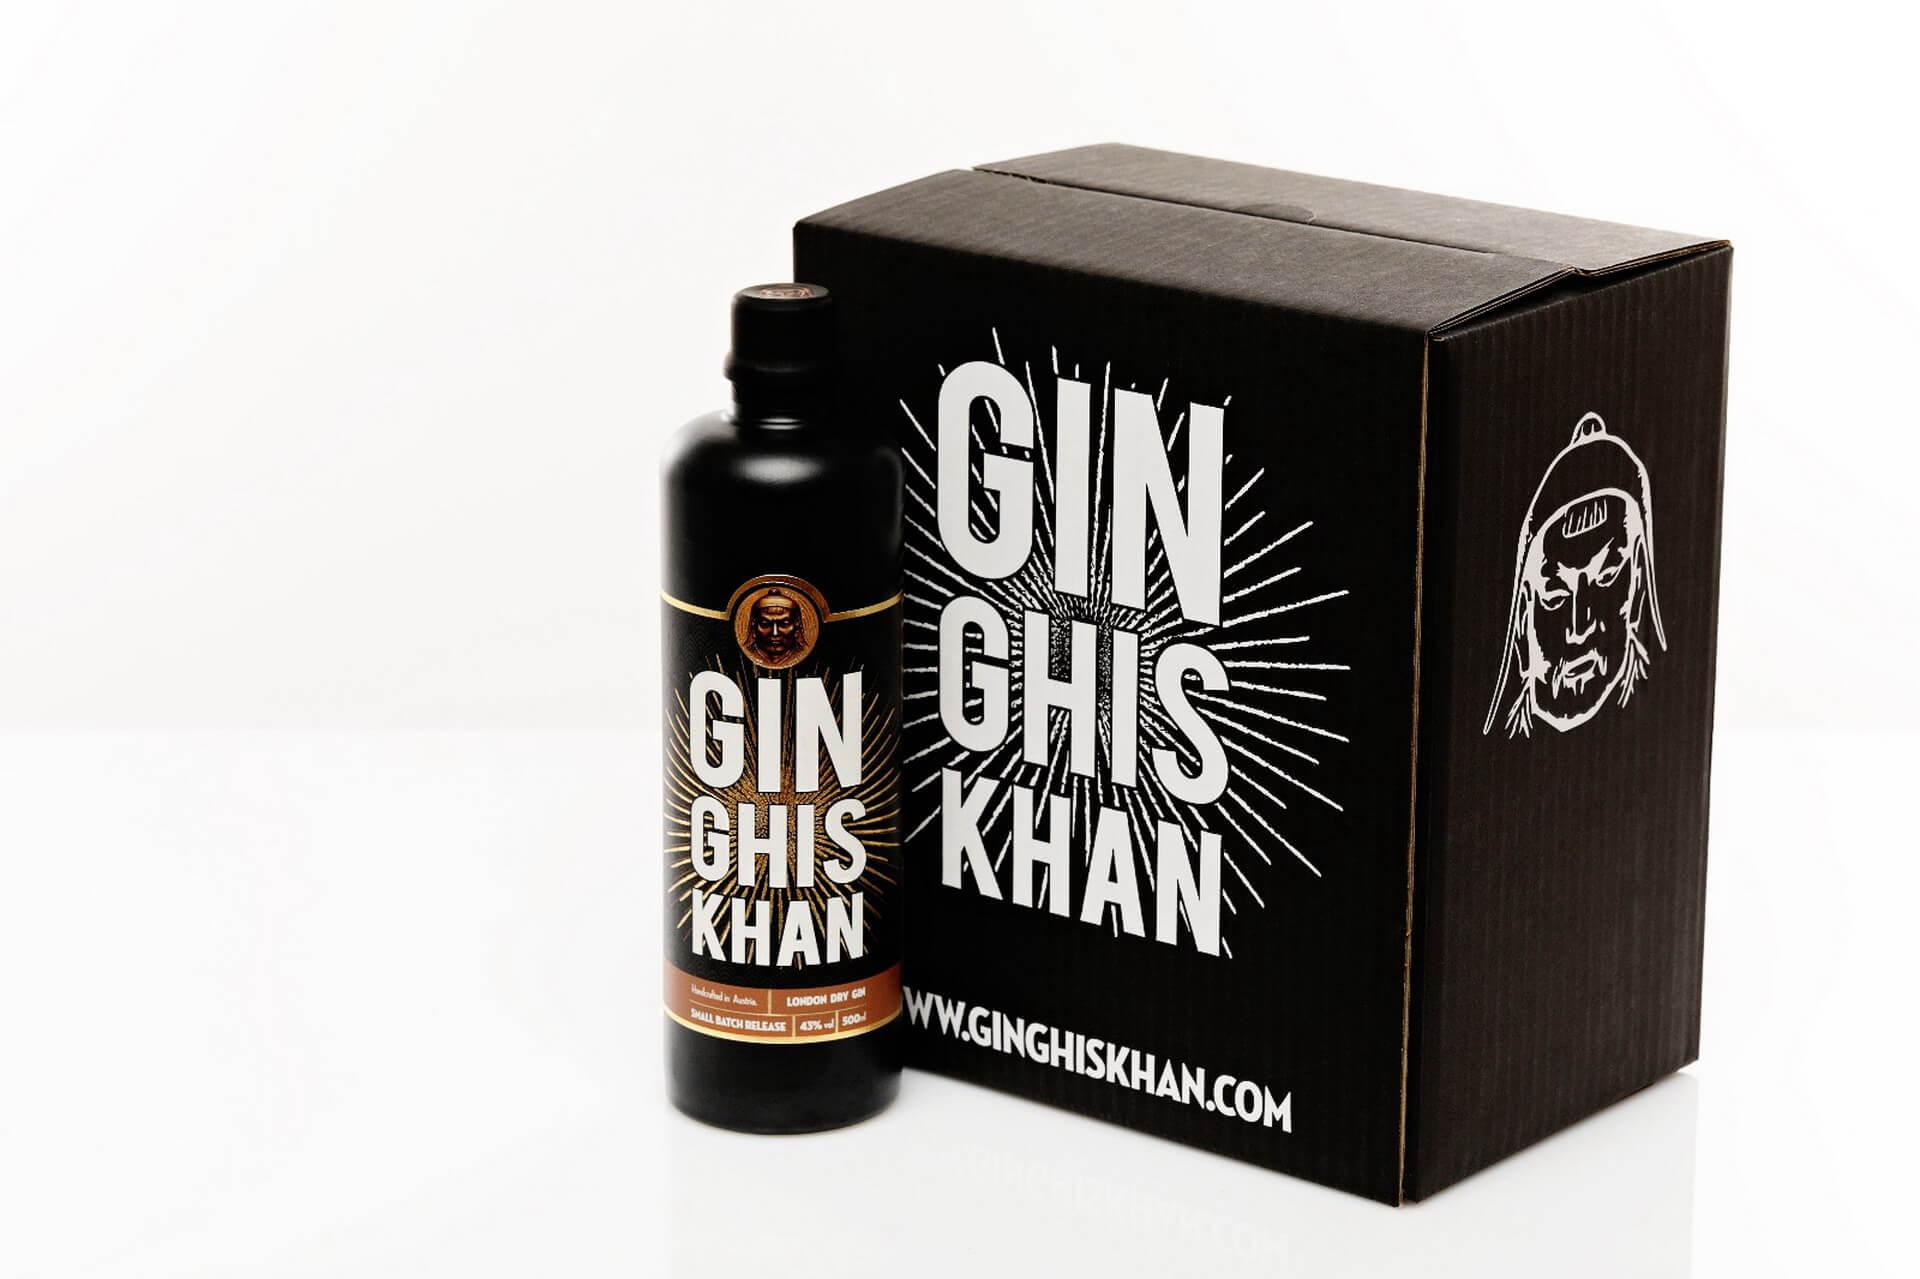 GIN GHIS KHAN Box